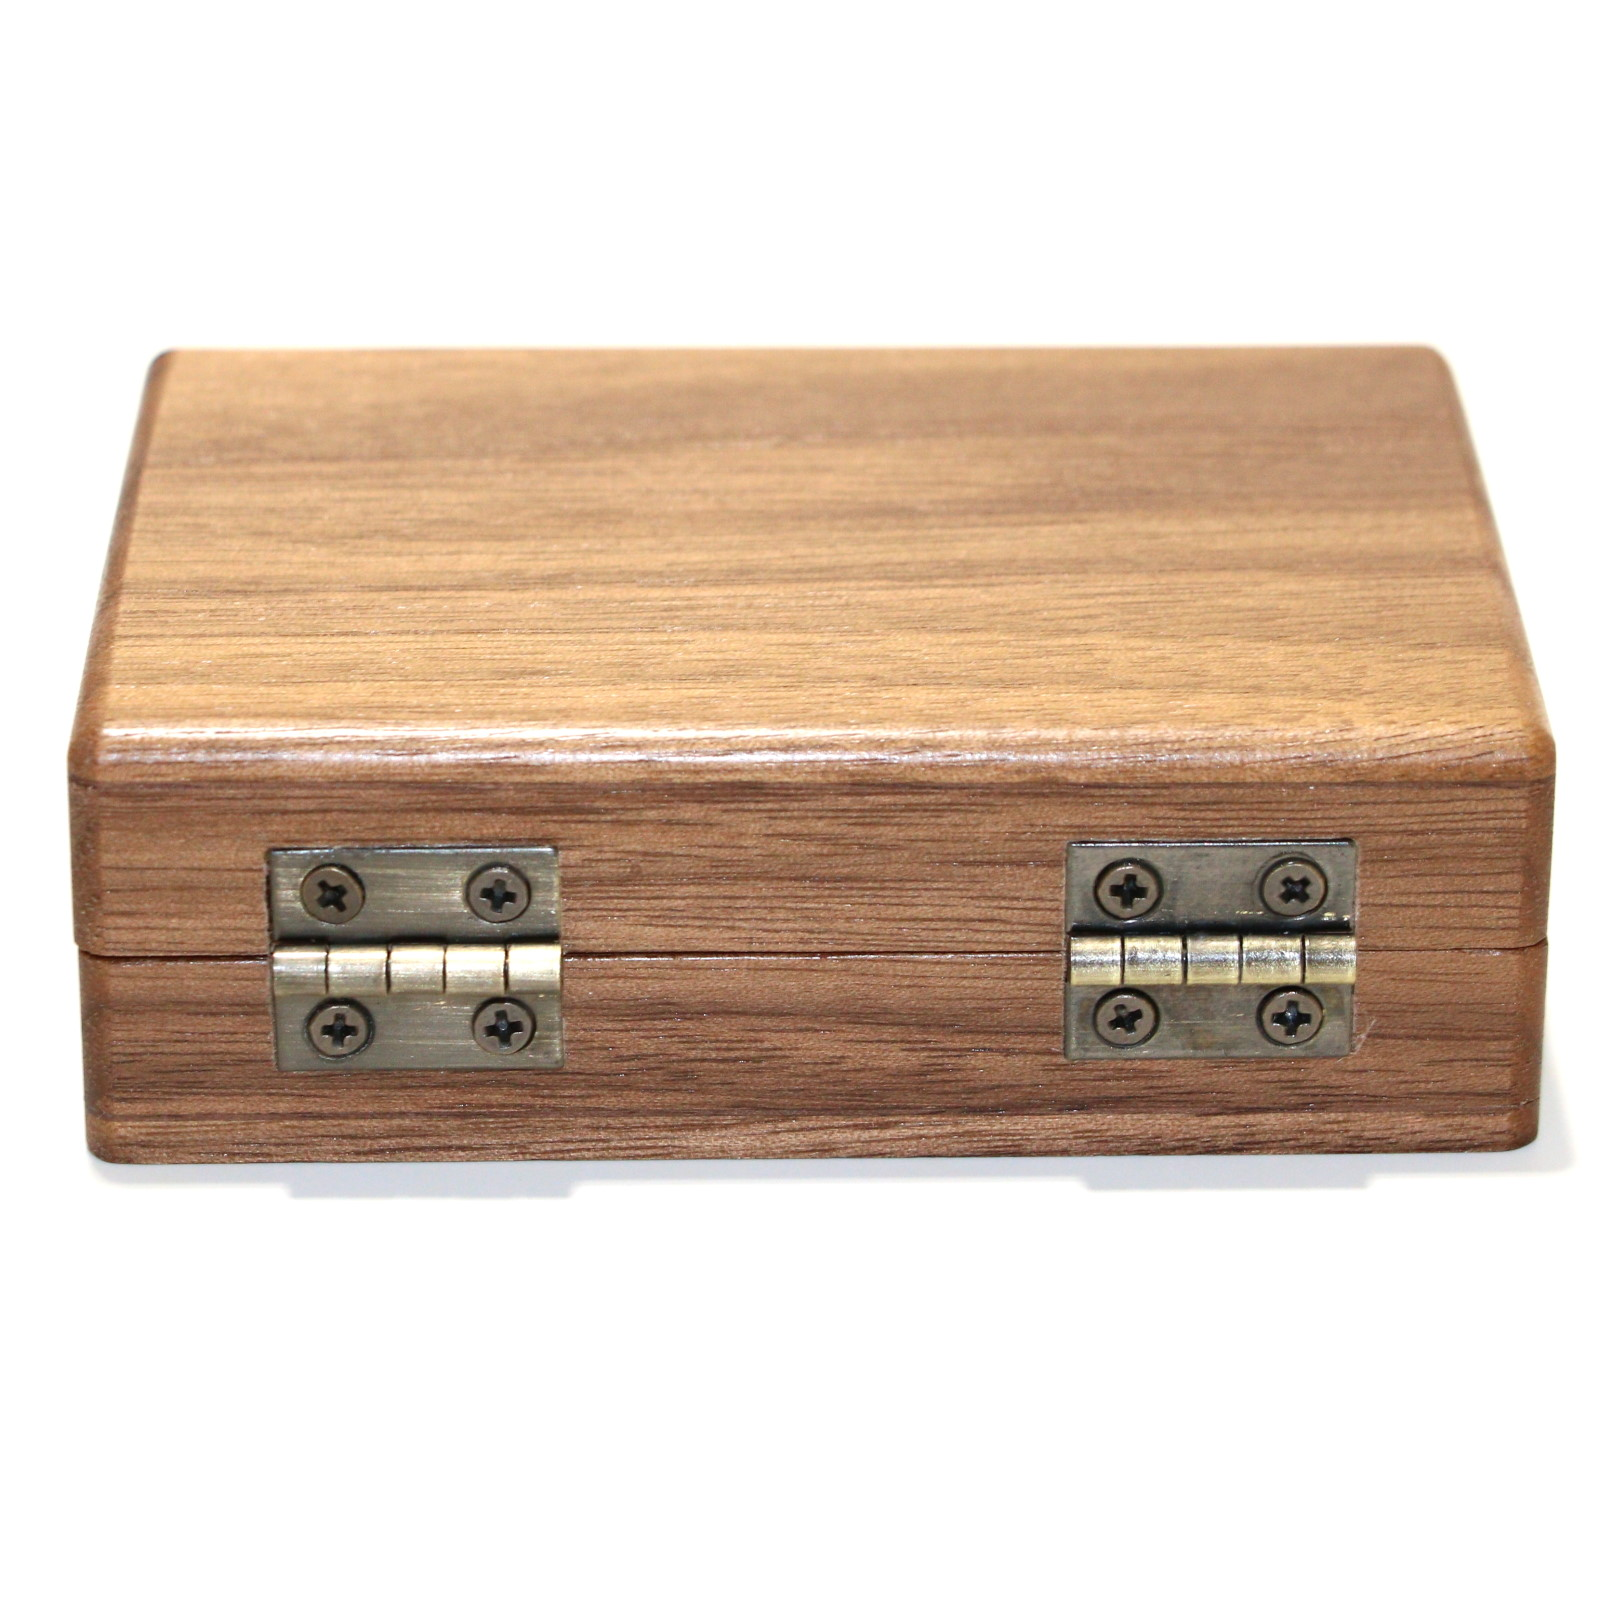 Deluxe Card Box by Bob Koch